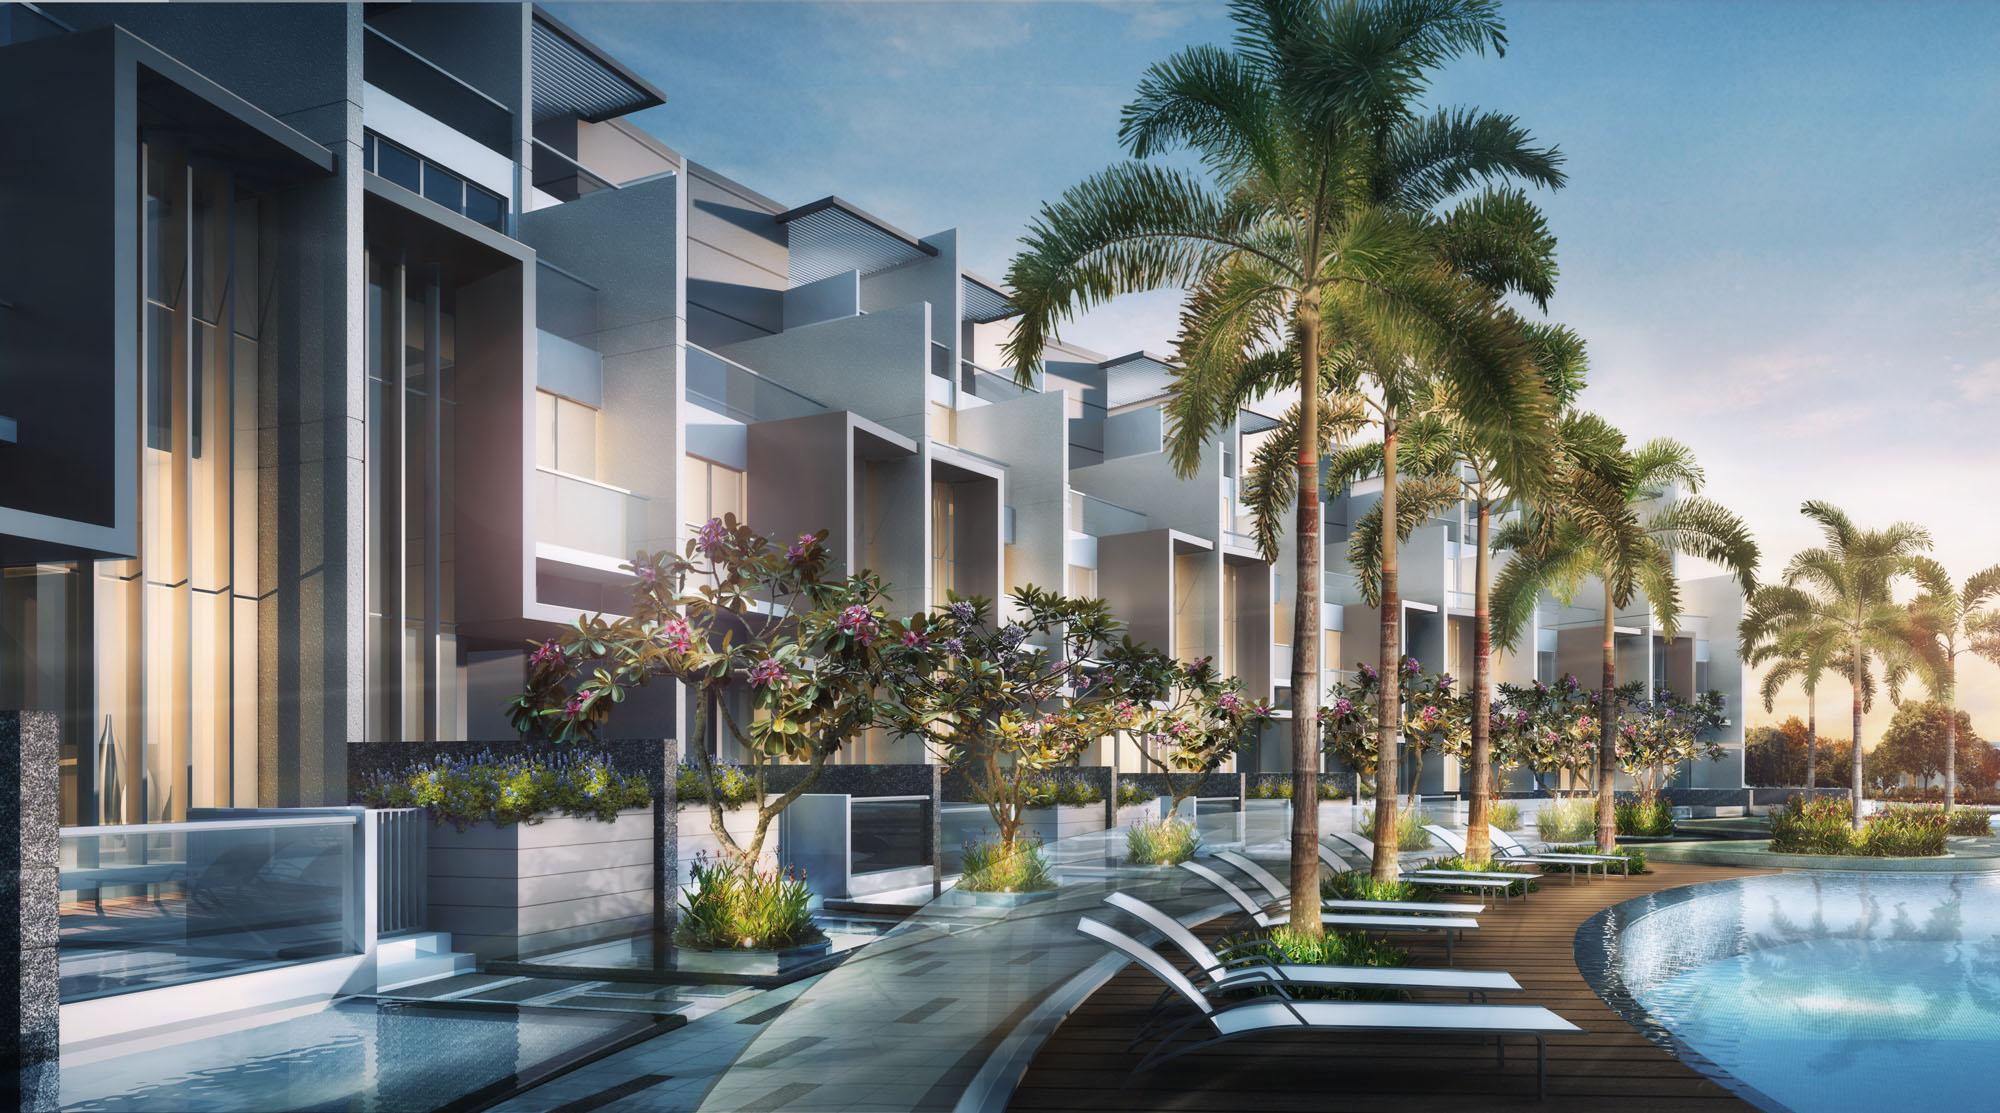 Skies-Miltonia-footpath skies miltonia Skies Miltonia Singapore|Showflat Hotline 61007122 Skies Miltonia footpath